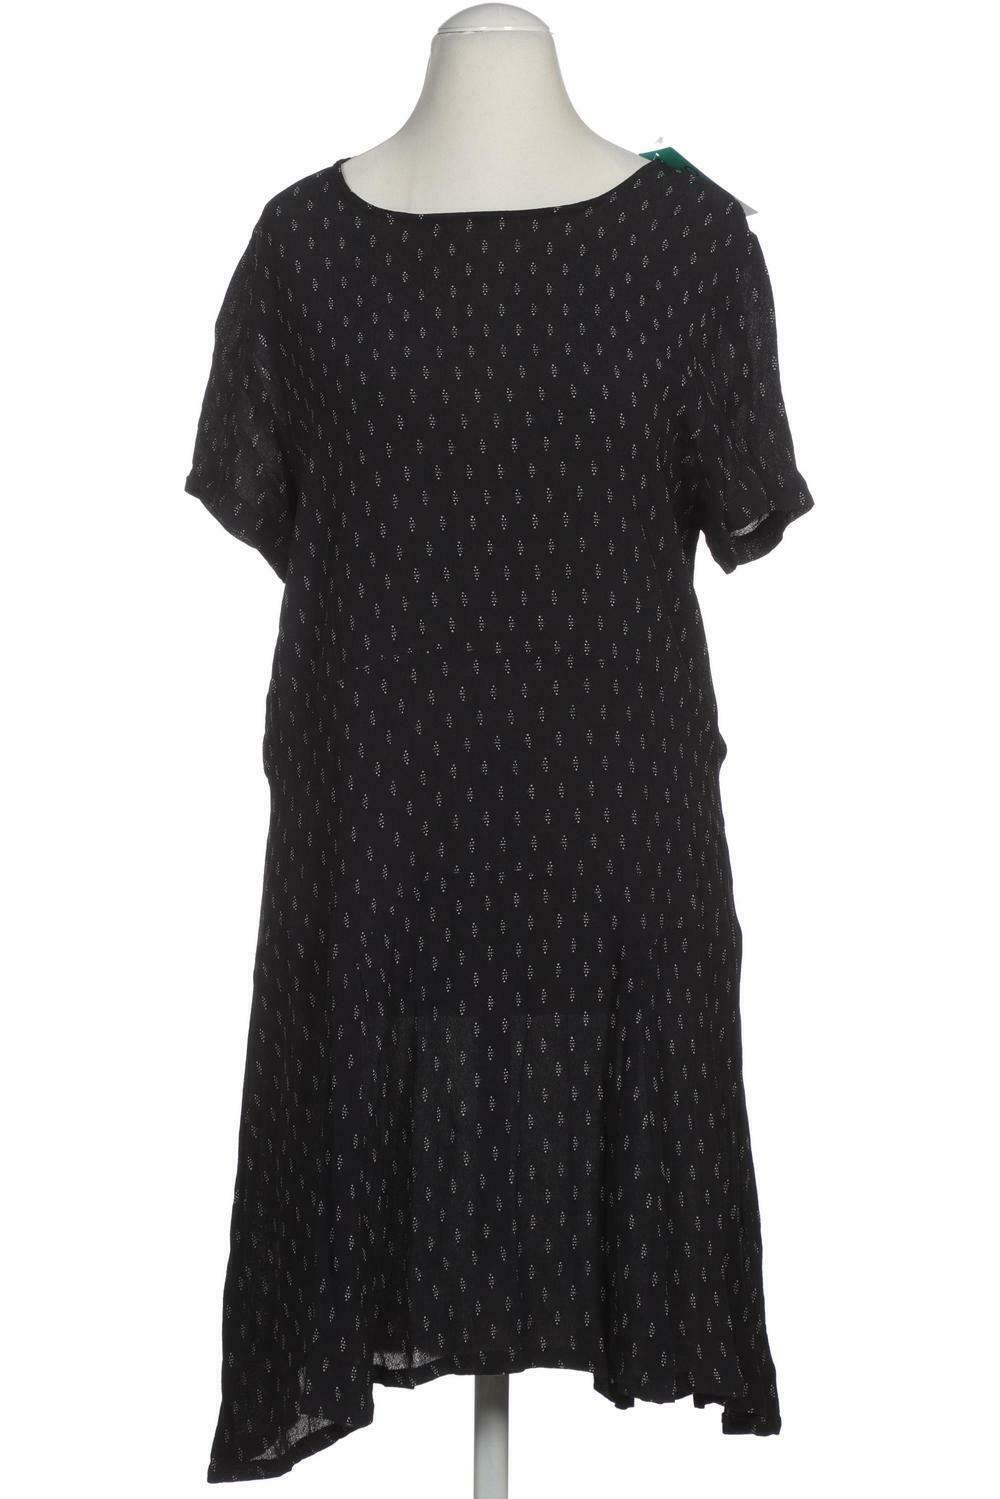 Esprit Kleid Damen Dress Damenkleid Gr. M kein Etikett schwarz